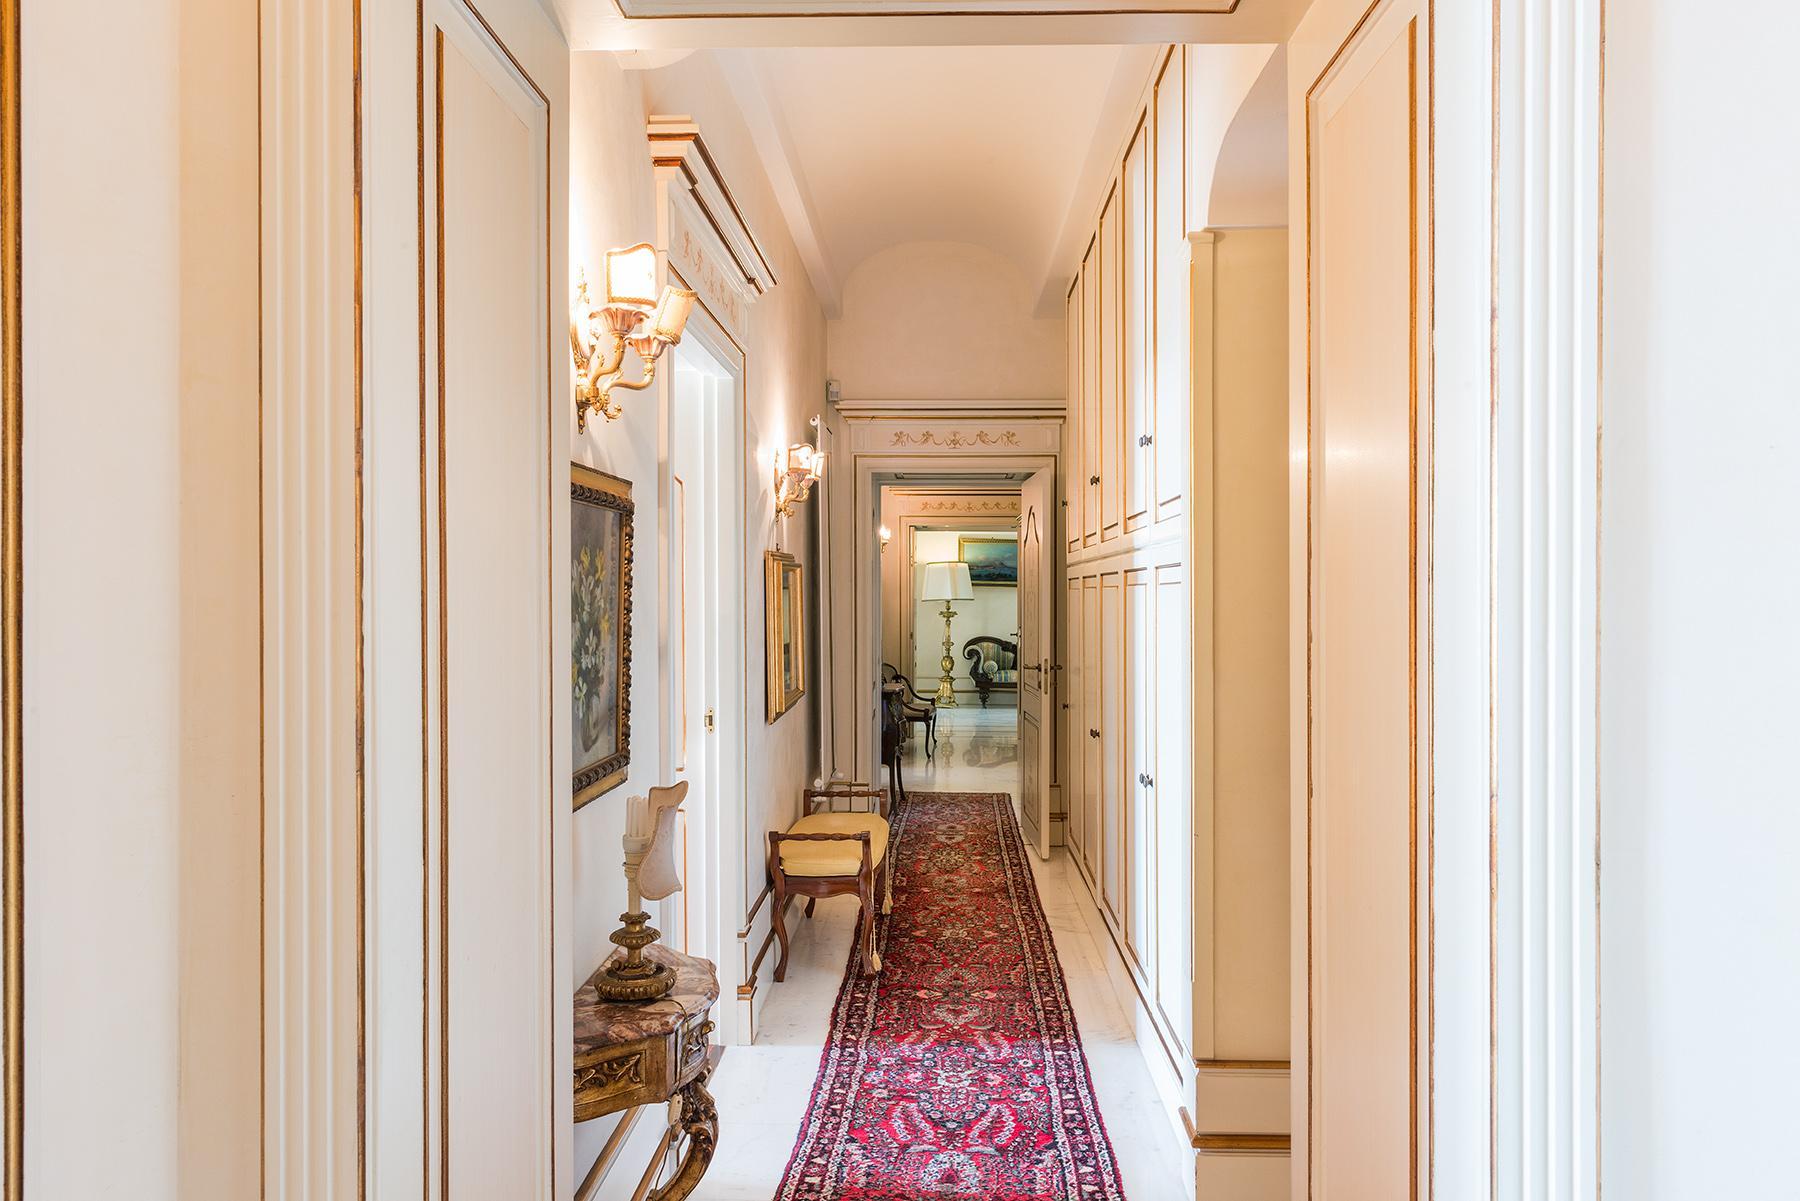 古典风格的奢华公寓 - 10